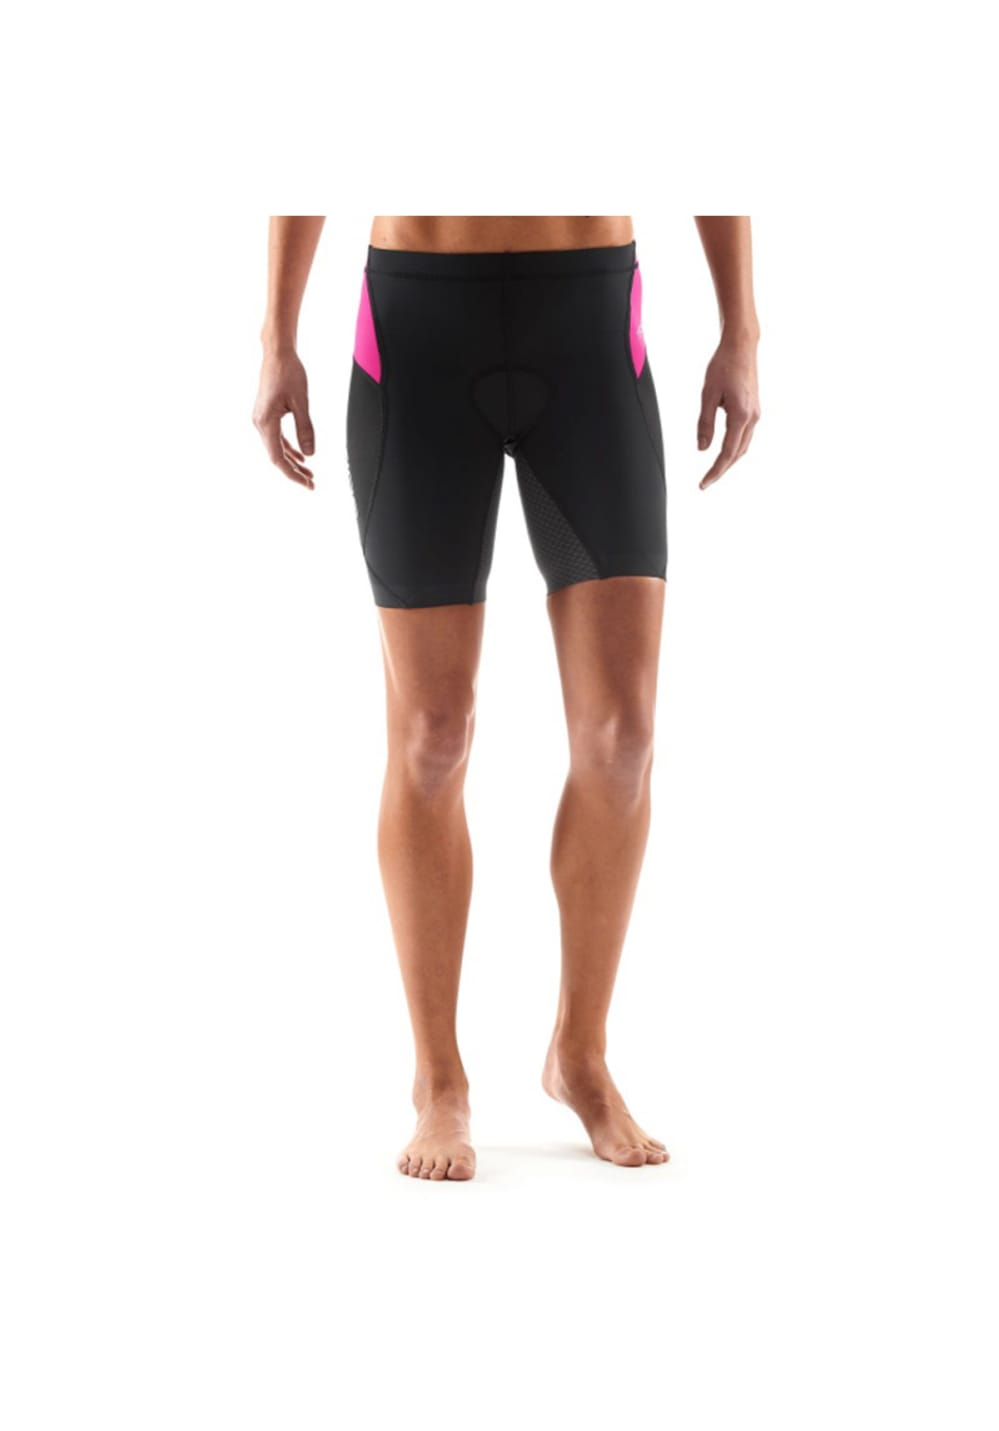 Skins Tri 400 Short - Laufhosen für Damen - Schwarz, Gr. FXS